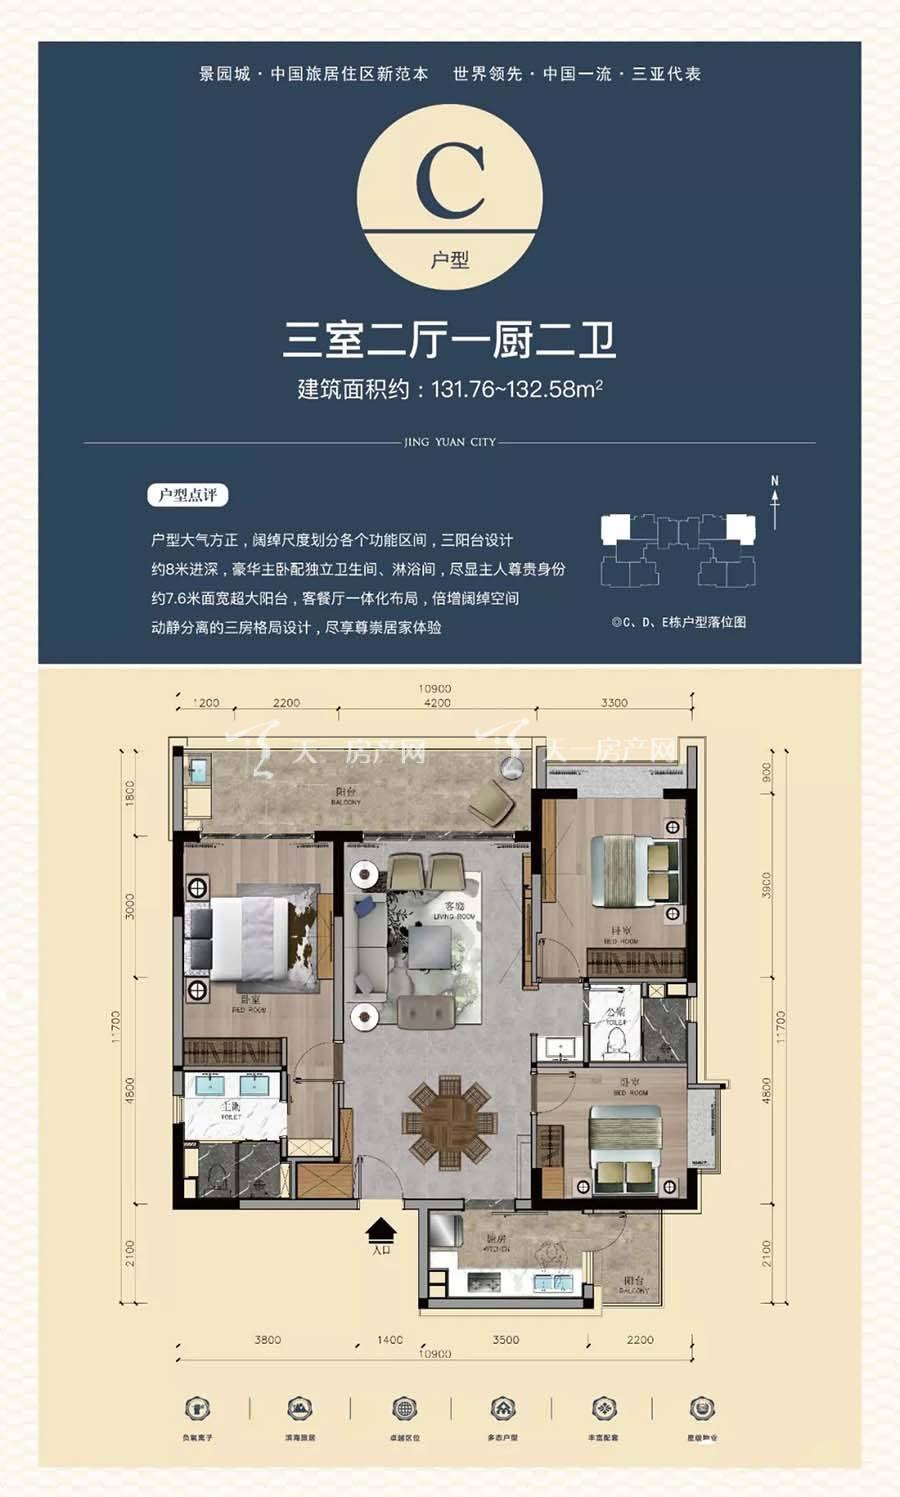 三亚景园城C户型/3室2厅1厨2卫/建筑面积:约131.76-132.58m²